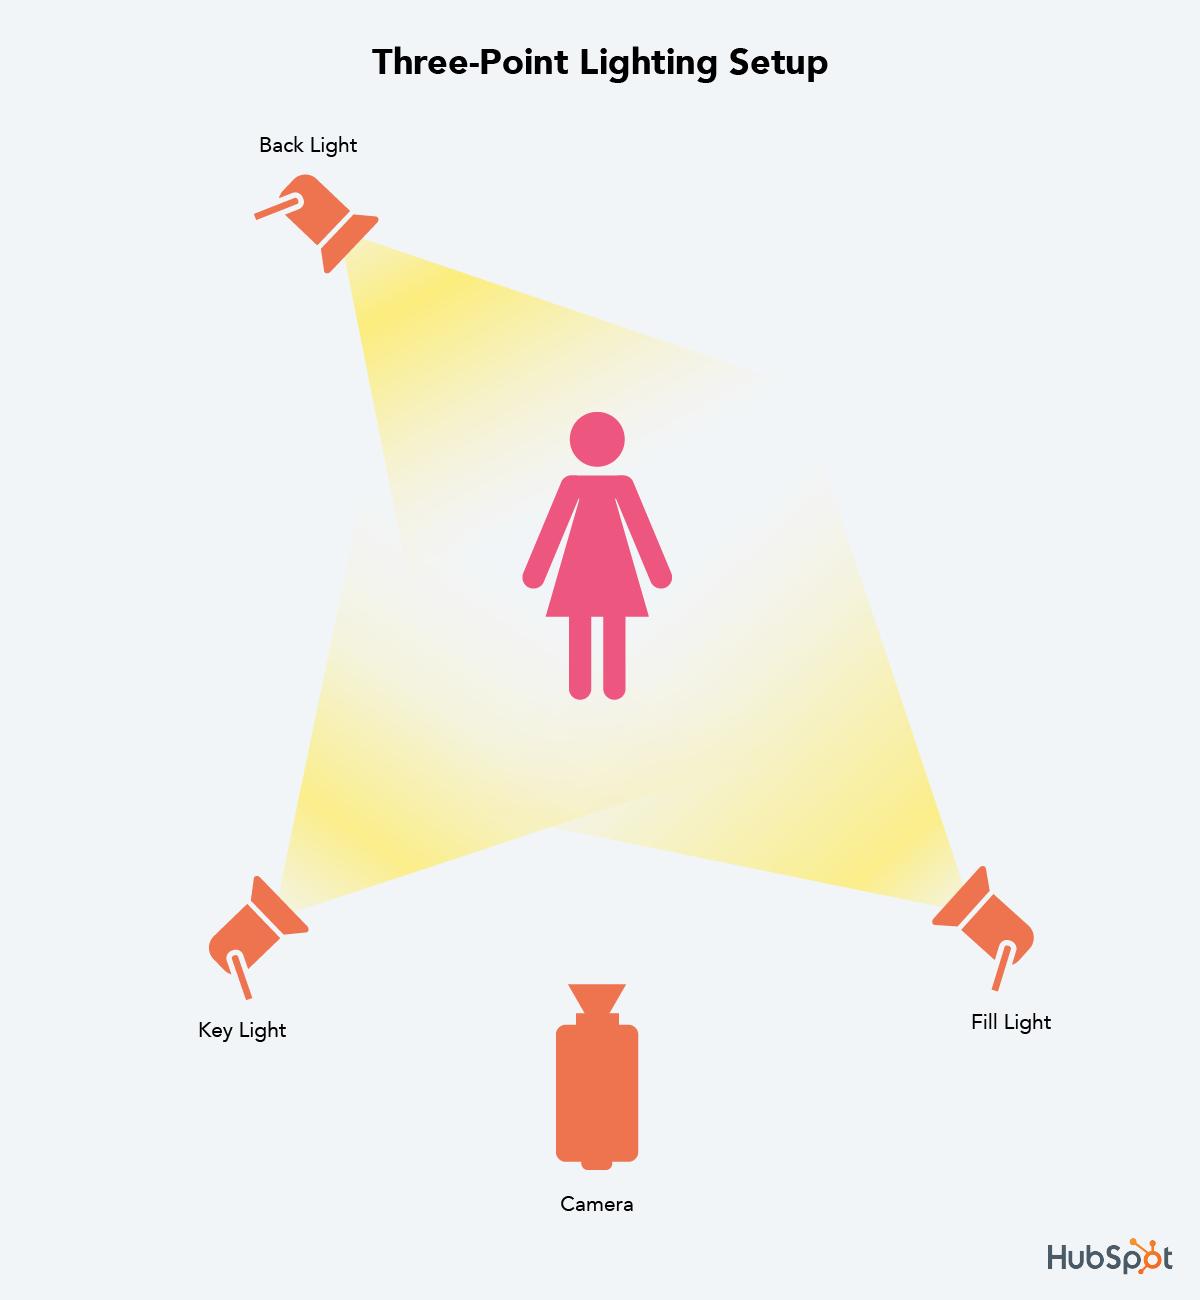 configuración de iluminación de tres puntos